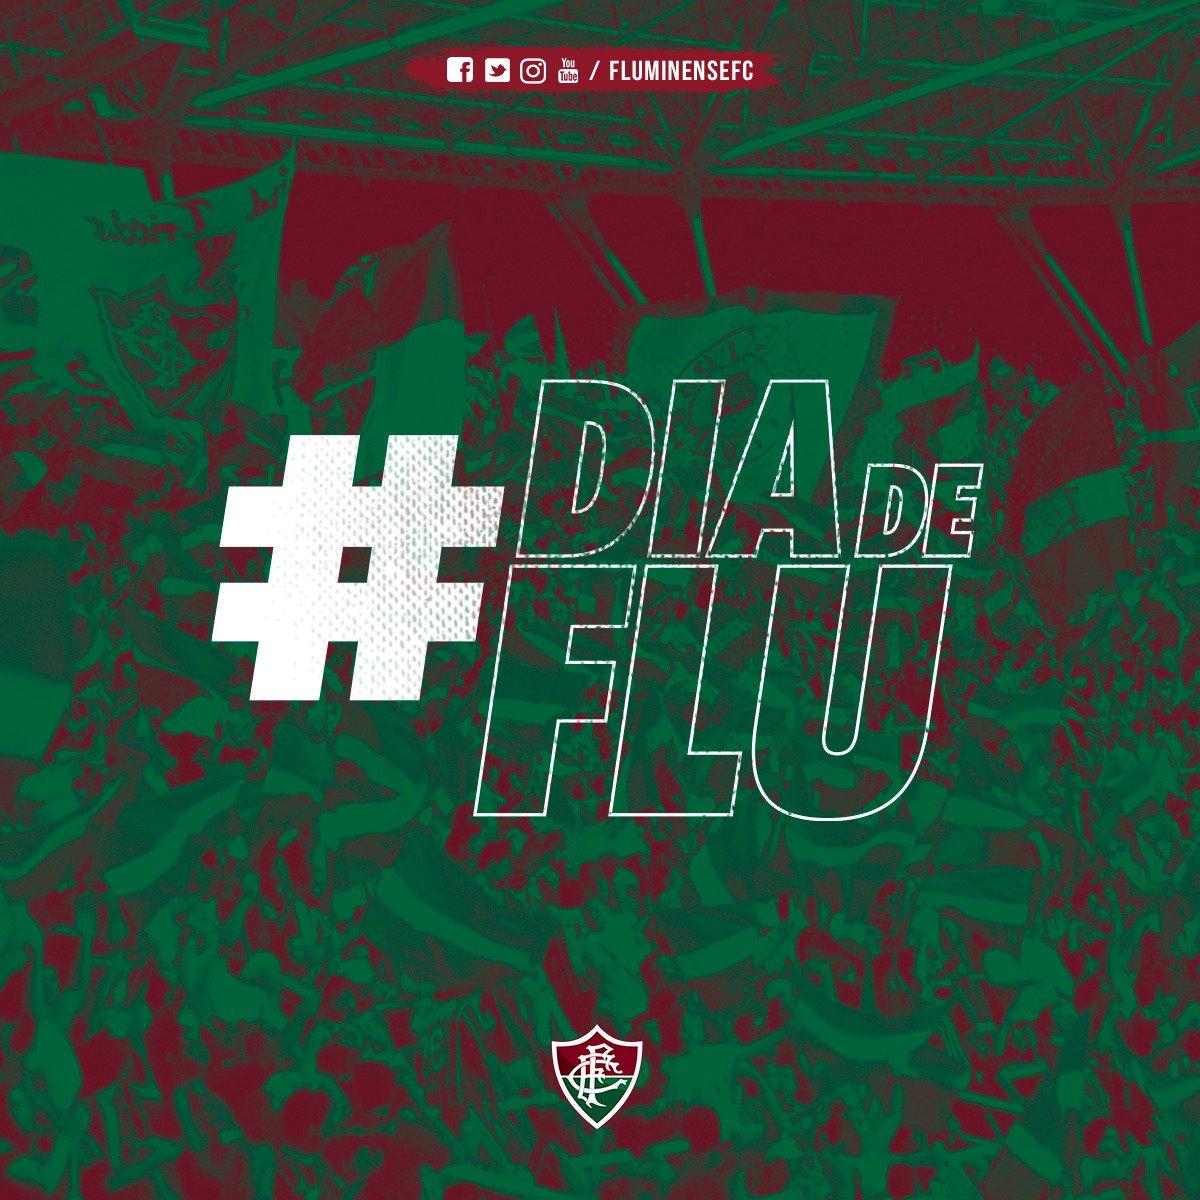 Hoje é #DiaDeFlu e nada mais importa. Contamos com o seu apoio nas arquibancadas. Vista sua armadura e torça até o fim pelo Tricolor em mais um jogo importante no Brasileirão!